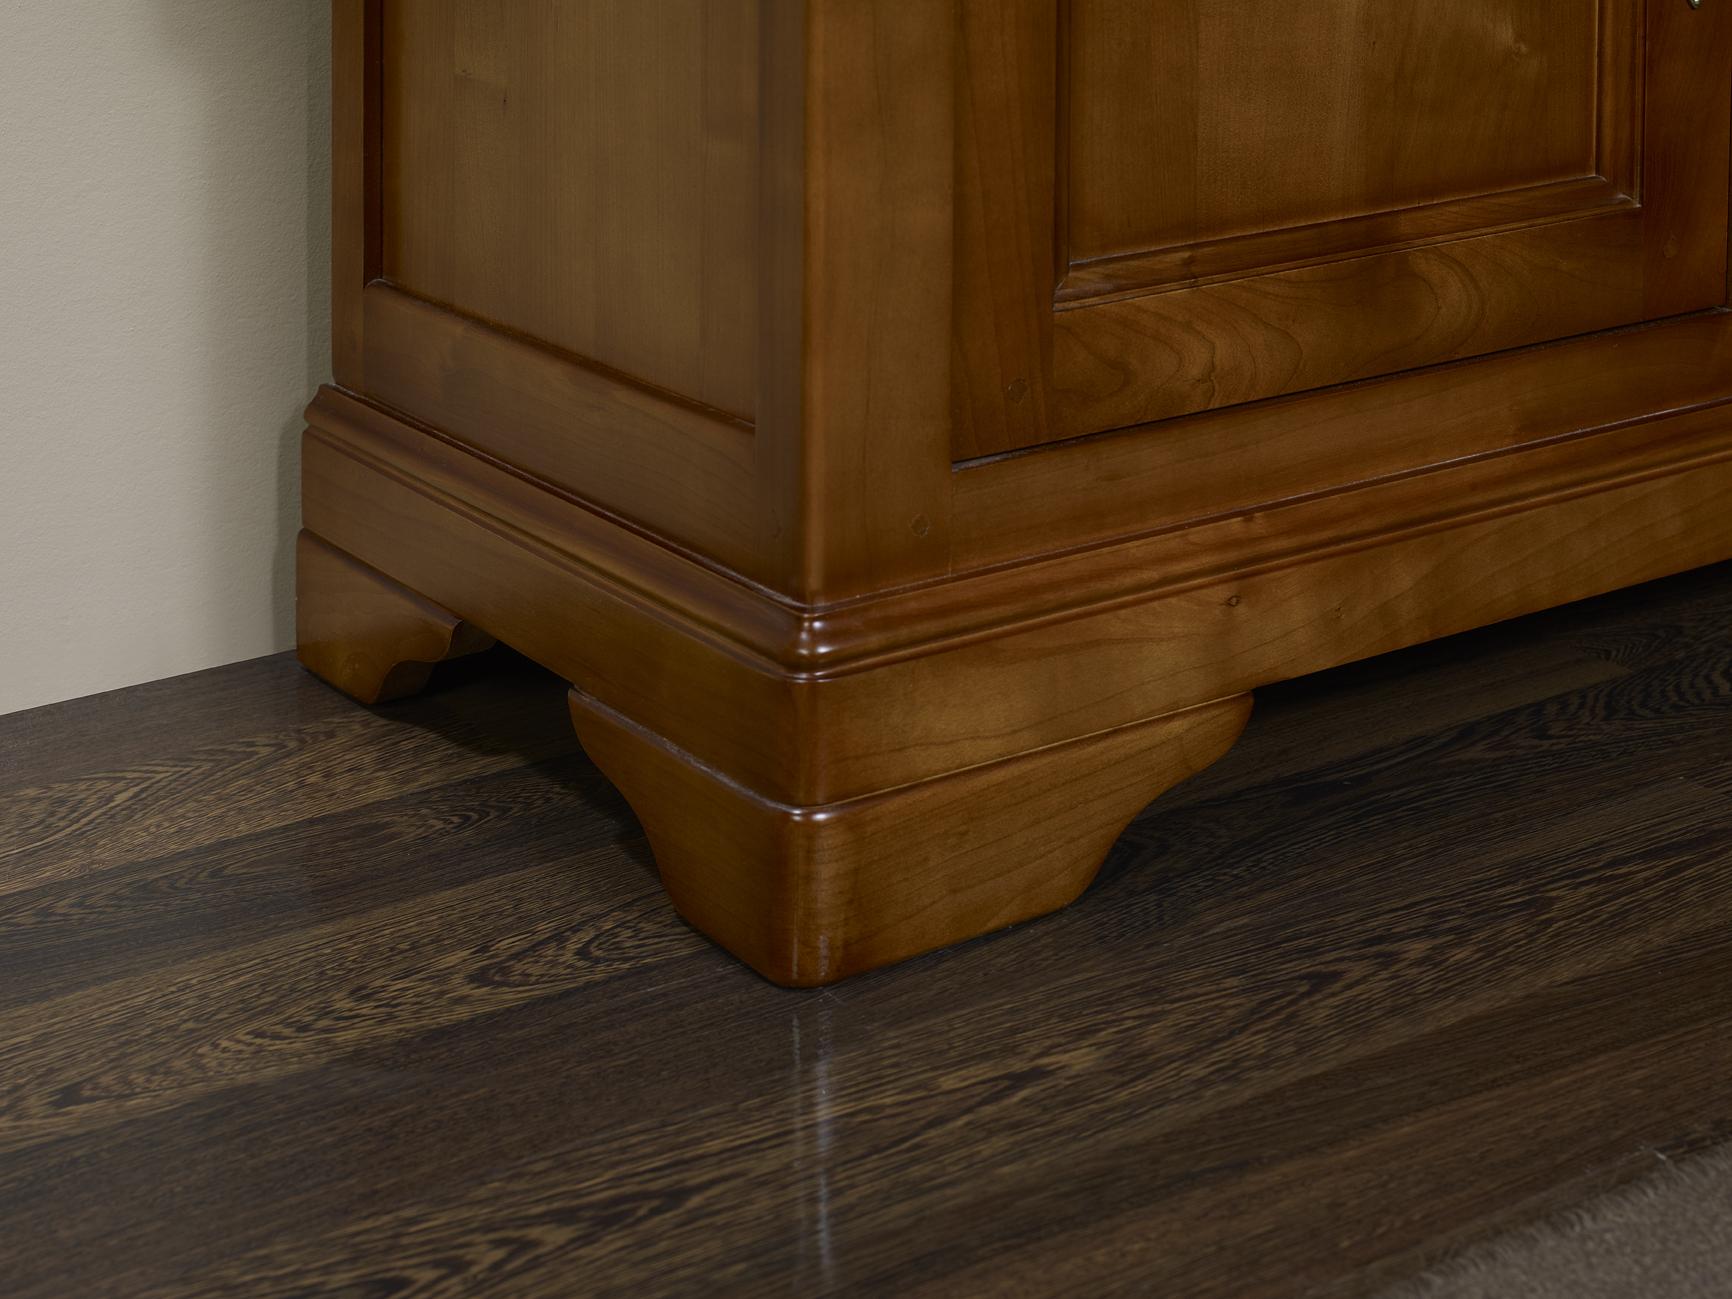 meuble tv 16 9 me en merisier massif de style louis philippe portes bois meuble en merisier massif. Black Bedroom Furniture Sets. Home Design Ideas